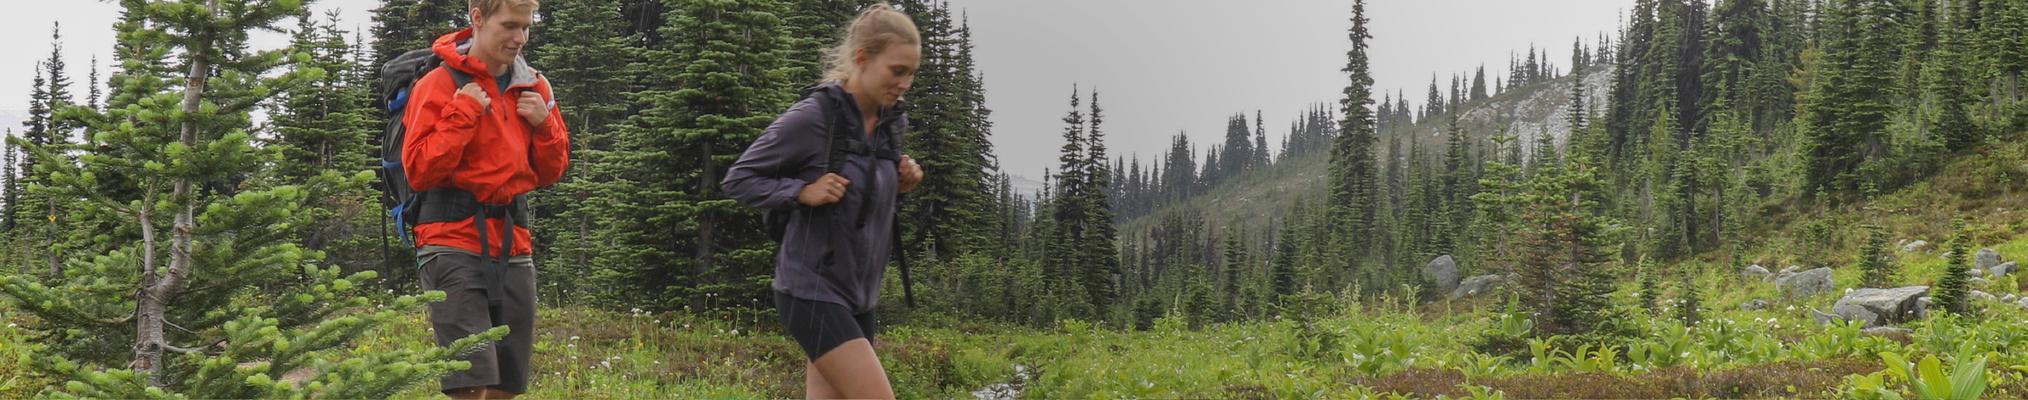 Un couple en randonnée à travers la forêt : protection des environnements, protection de notre monde naturel